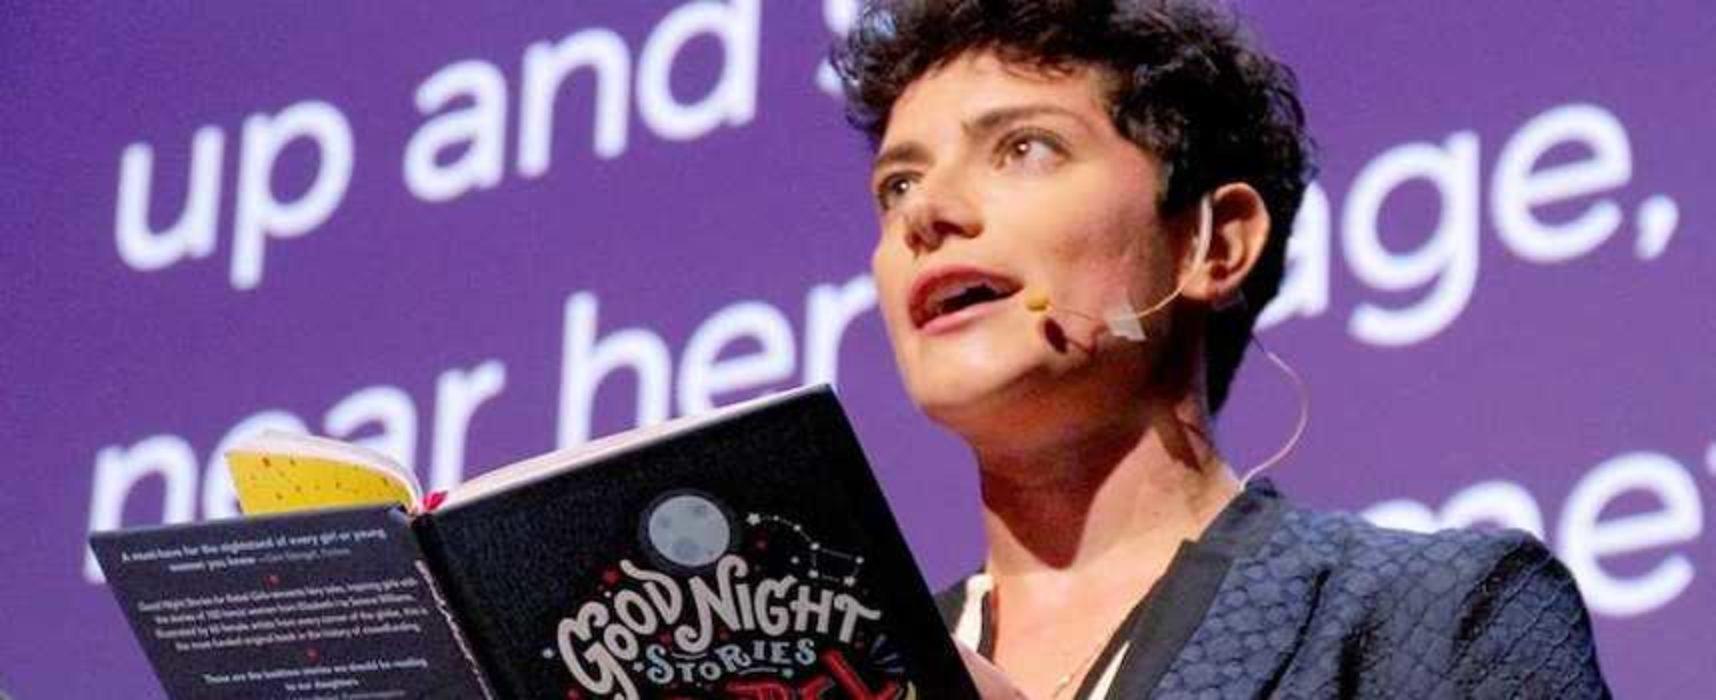 Consigli d'Autore prosegue con Francesca Cavallo: diretta sulla pagina Facebook di B24